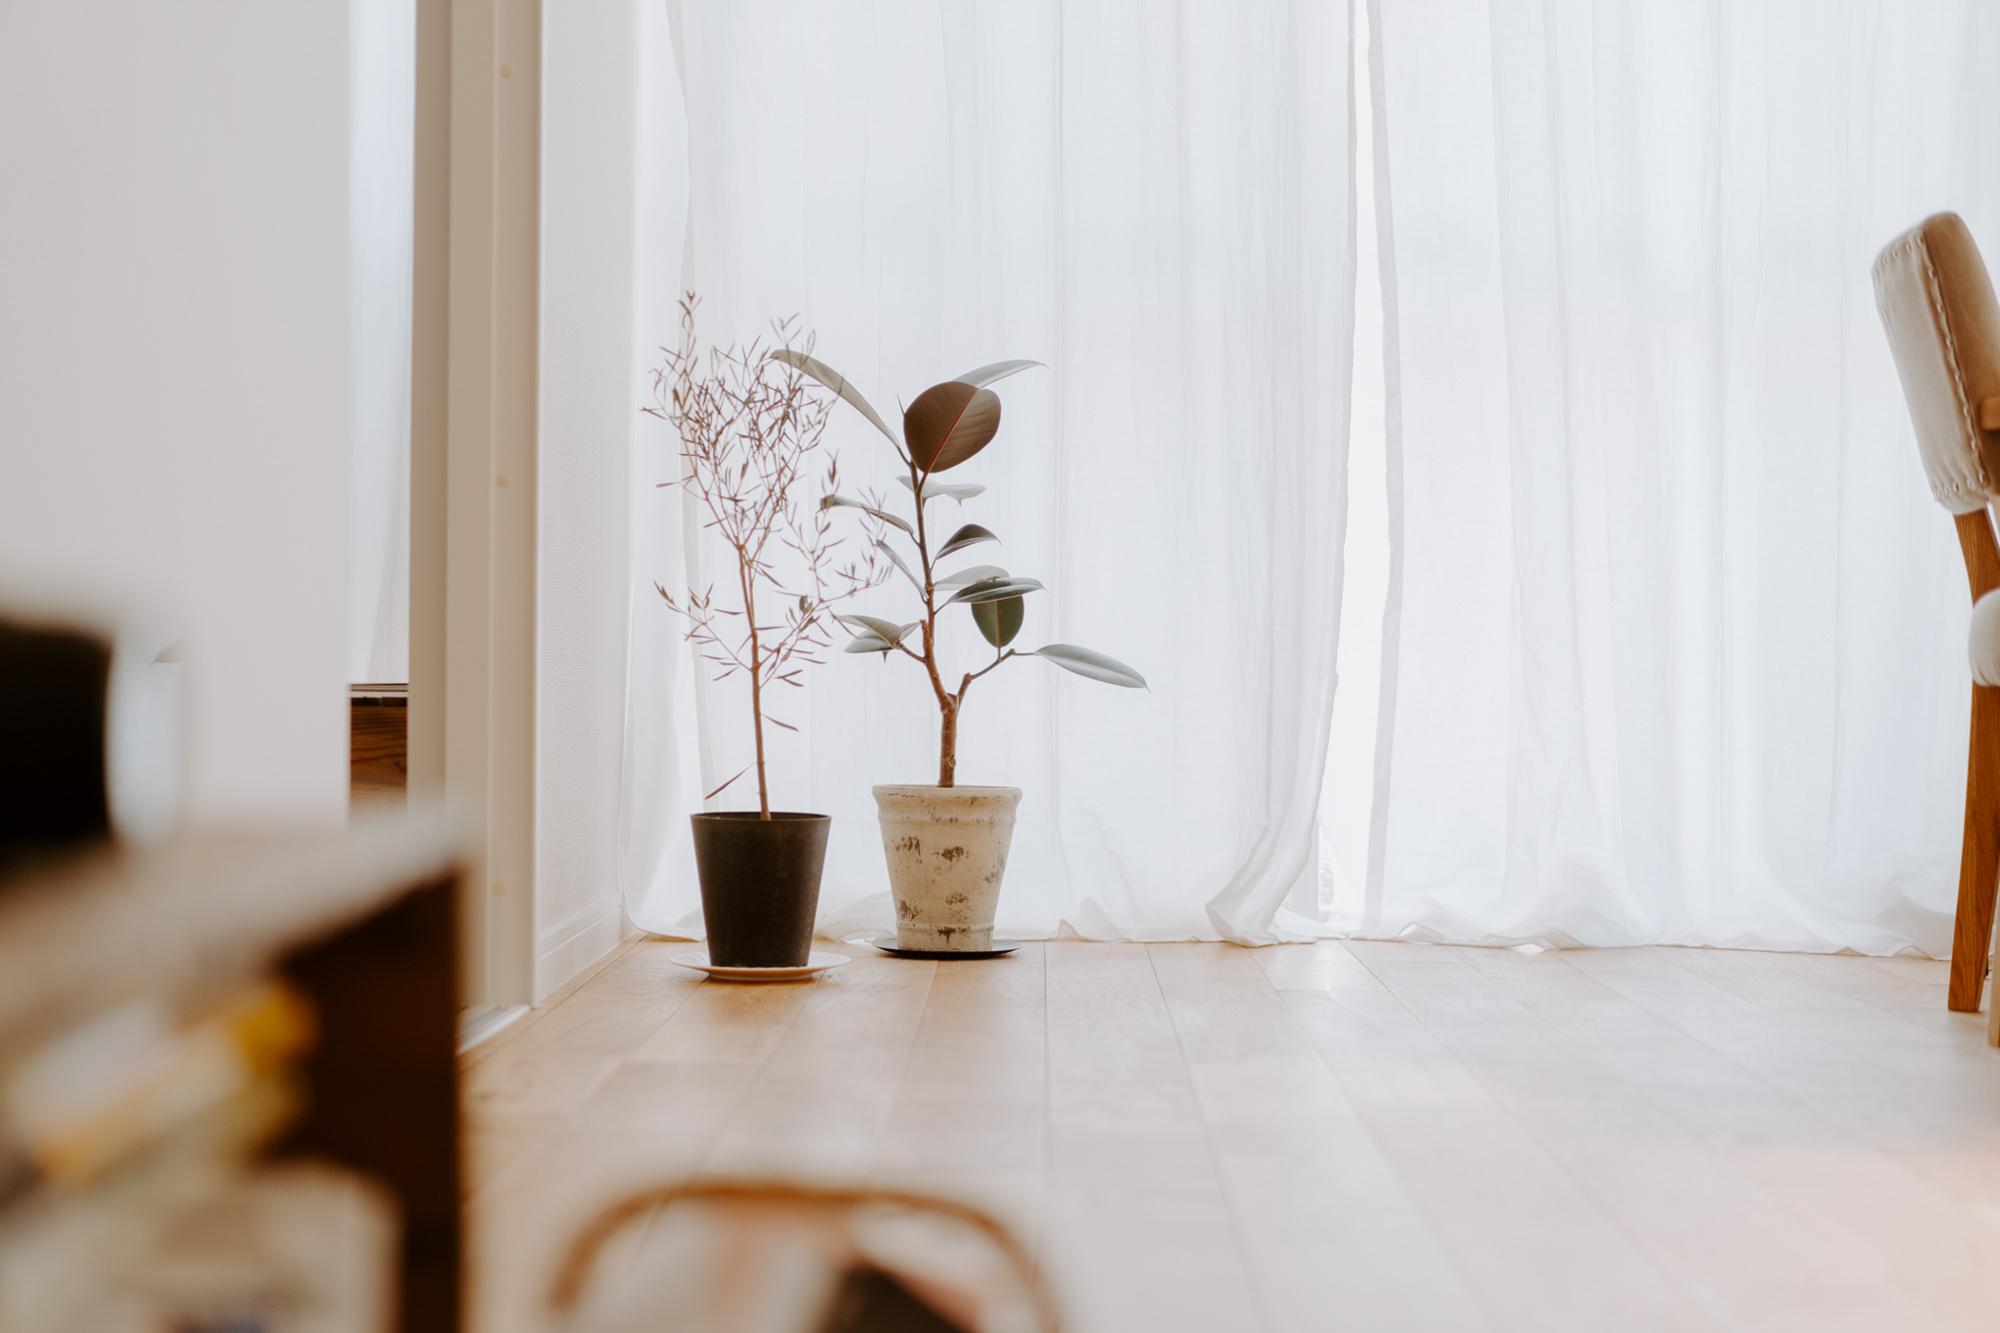 プロの意見を取り入れることも多いそう。最近、お部屋に迎えた植物は、日の当たり具合などお部屋の情報を全てお店の方に説明し、おすすめしてもらったものだそう。